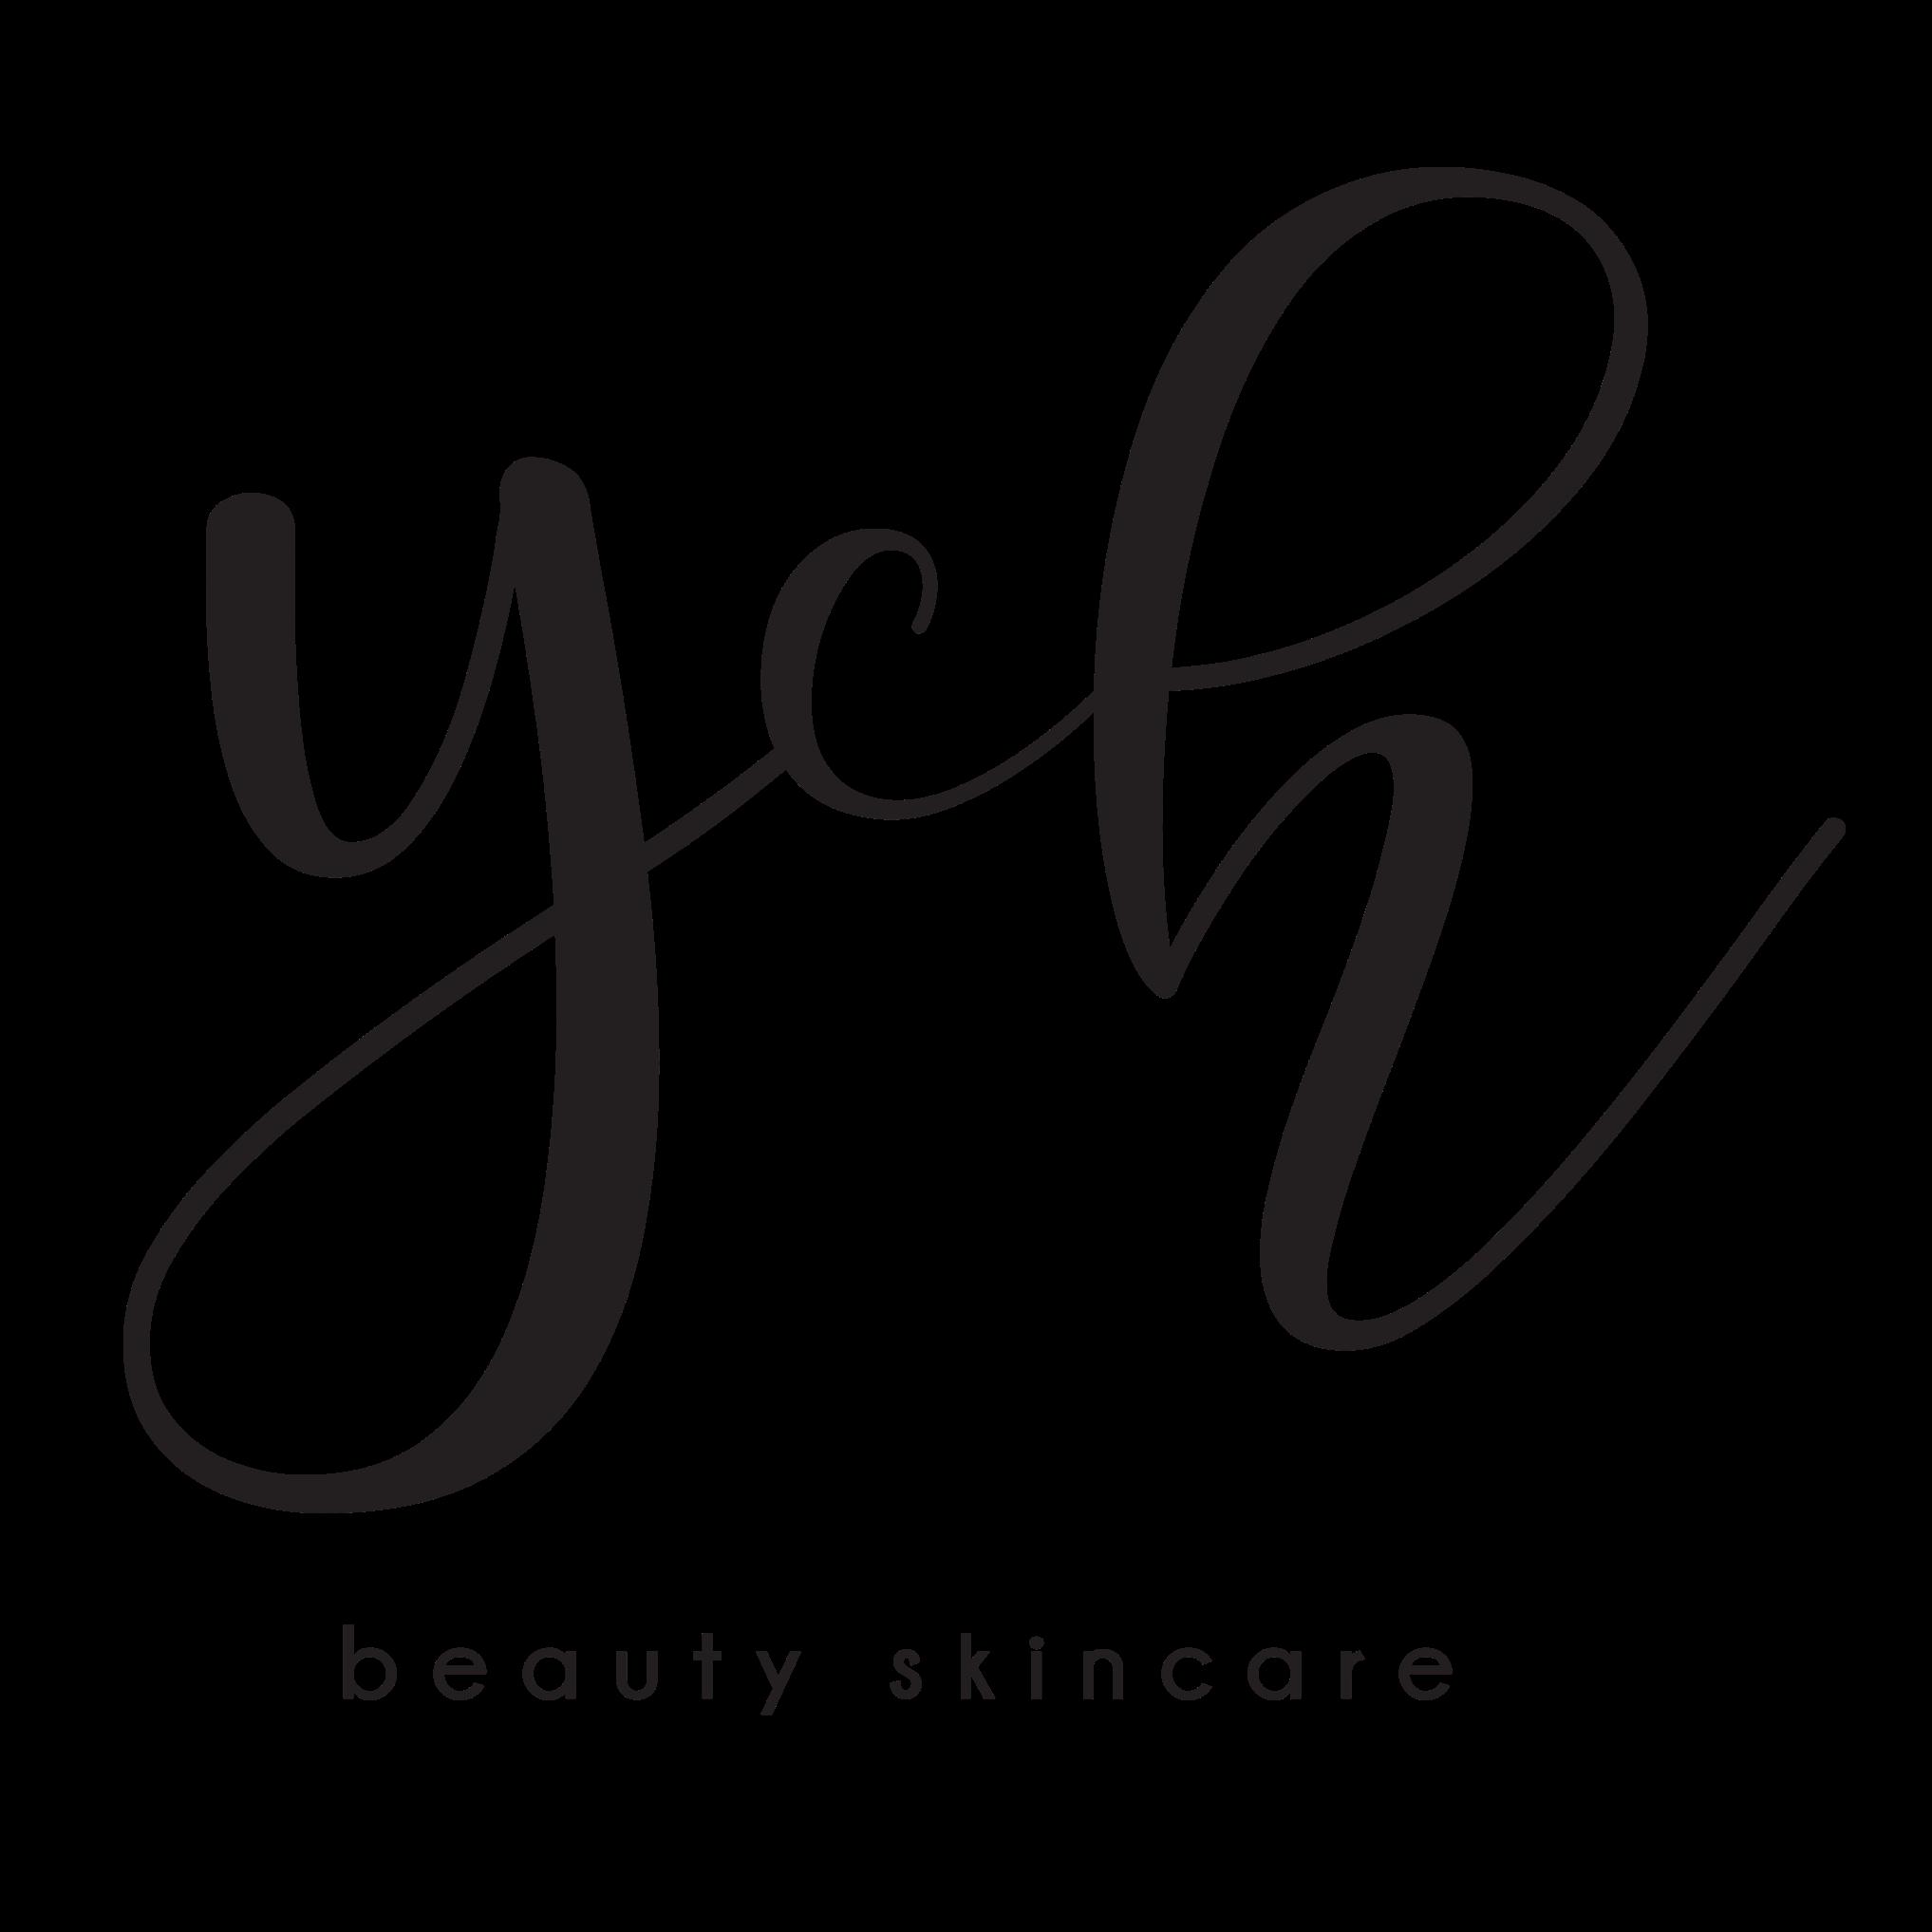 YCH Beauty & Skin Care Spa - Orlando, FL 32819 - (407)453-2006 | ShowMeLocal.com